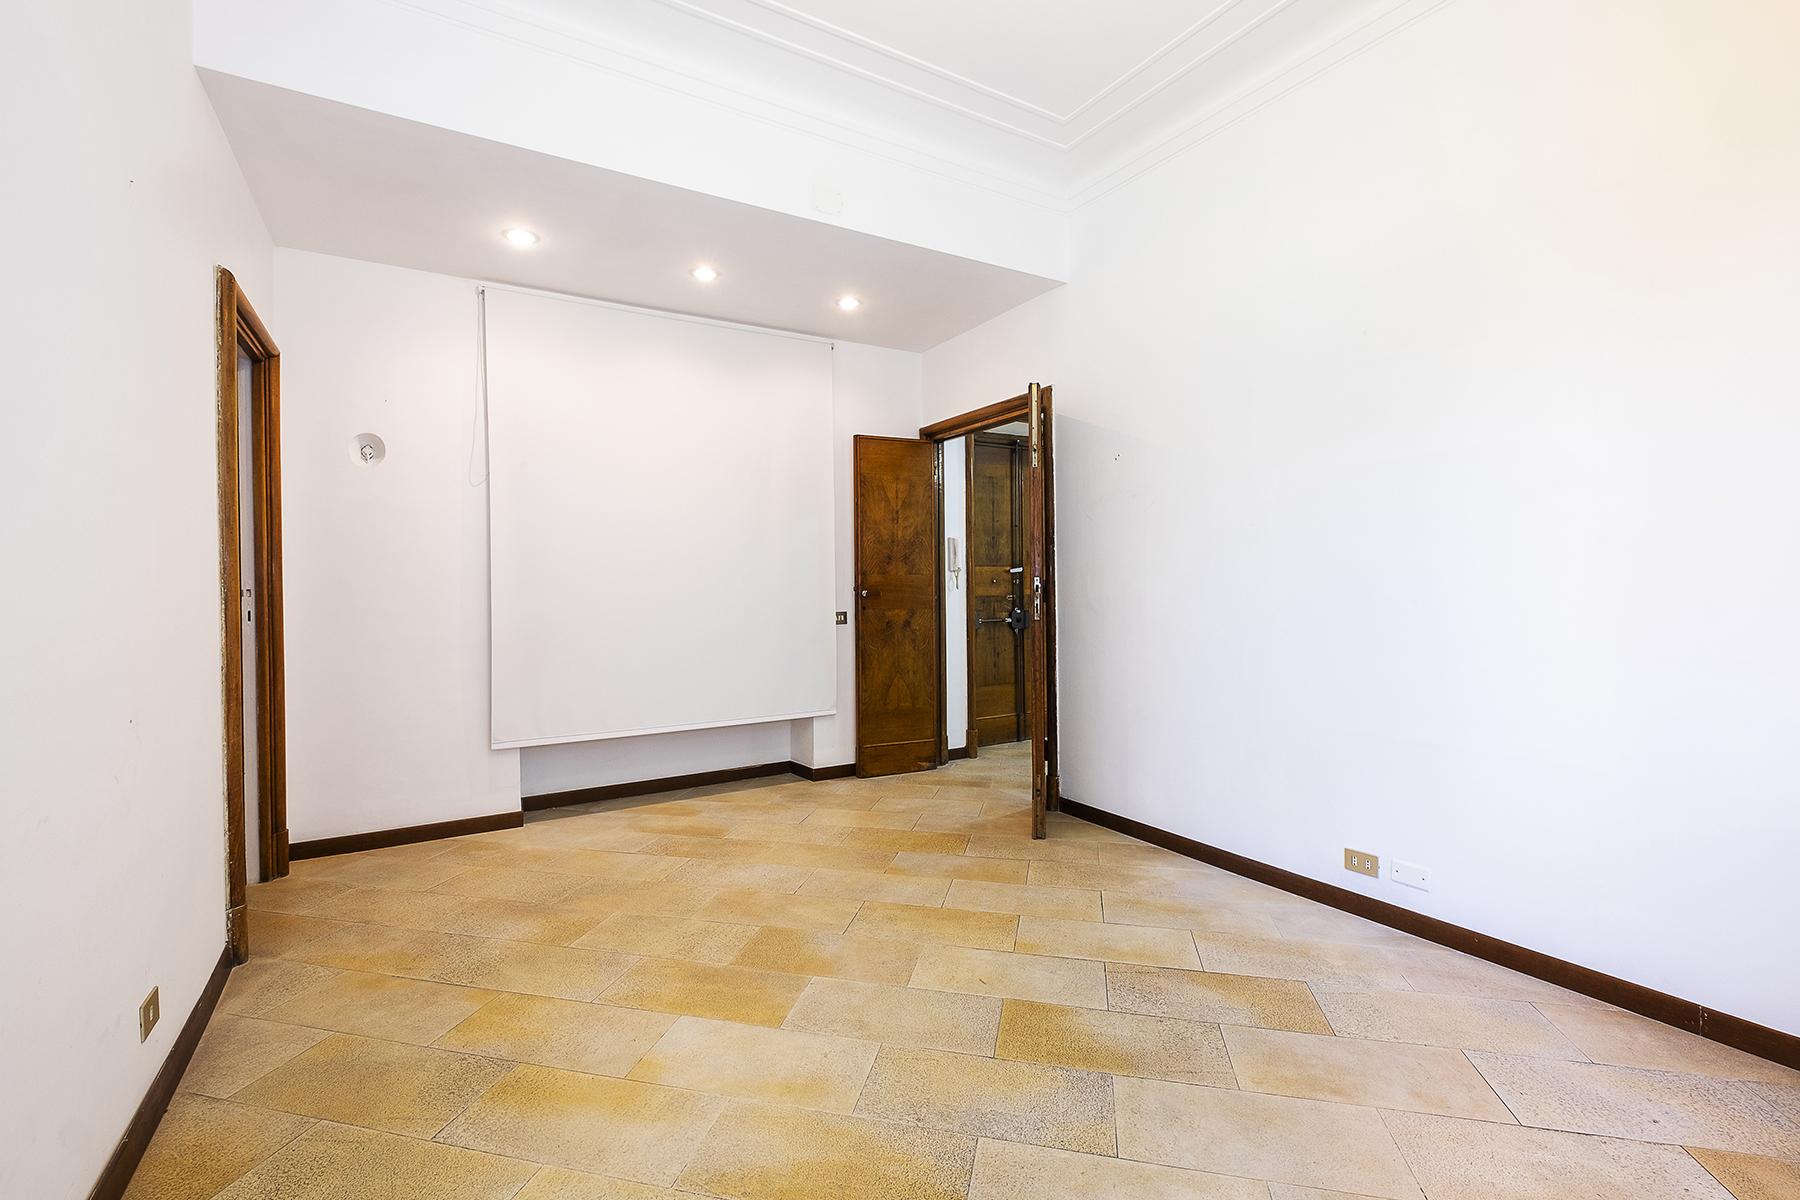 Appartamento di lusso in affitto a roma via angelo secchi for Affitto studio eur